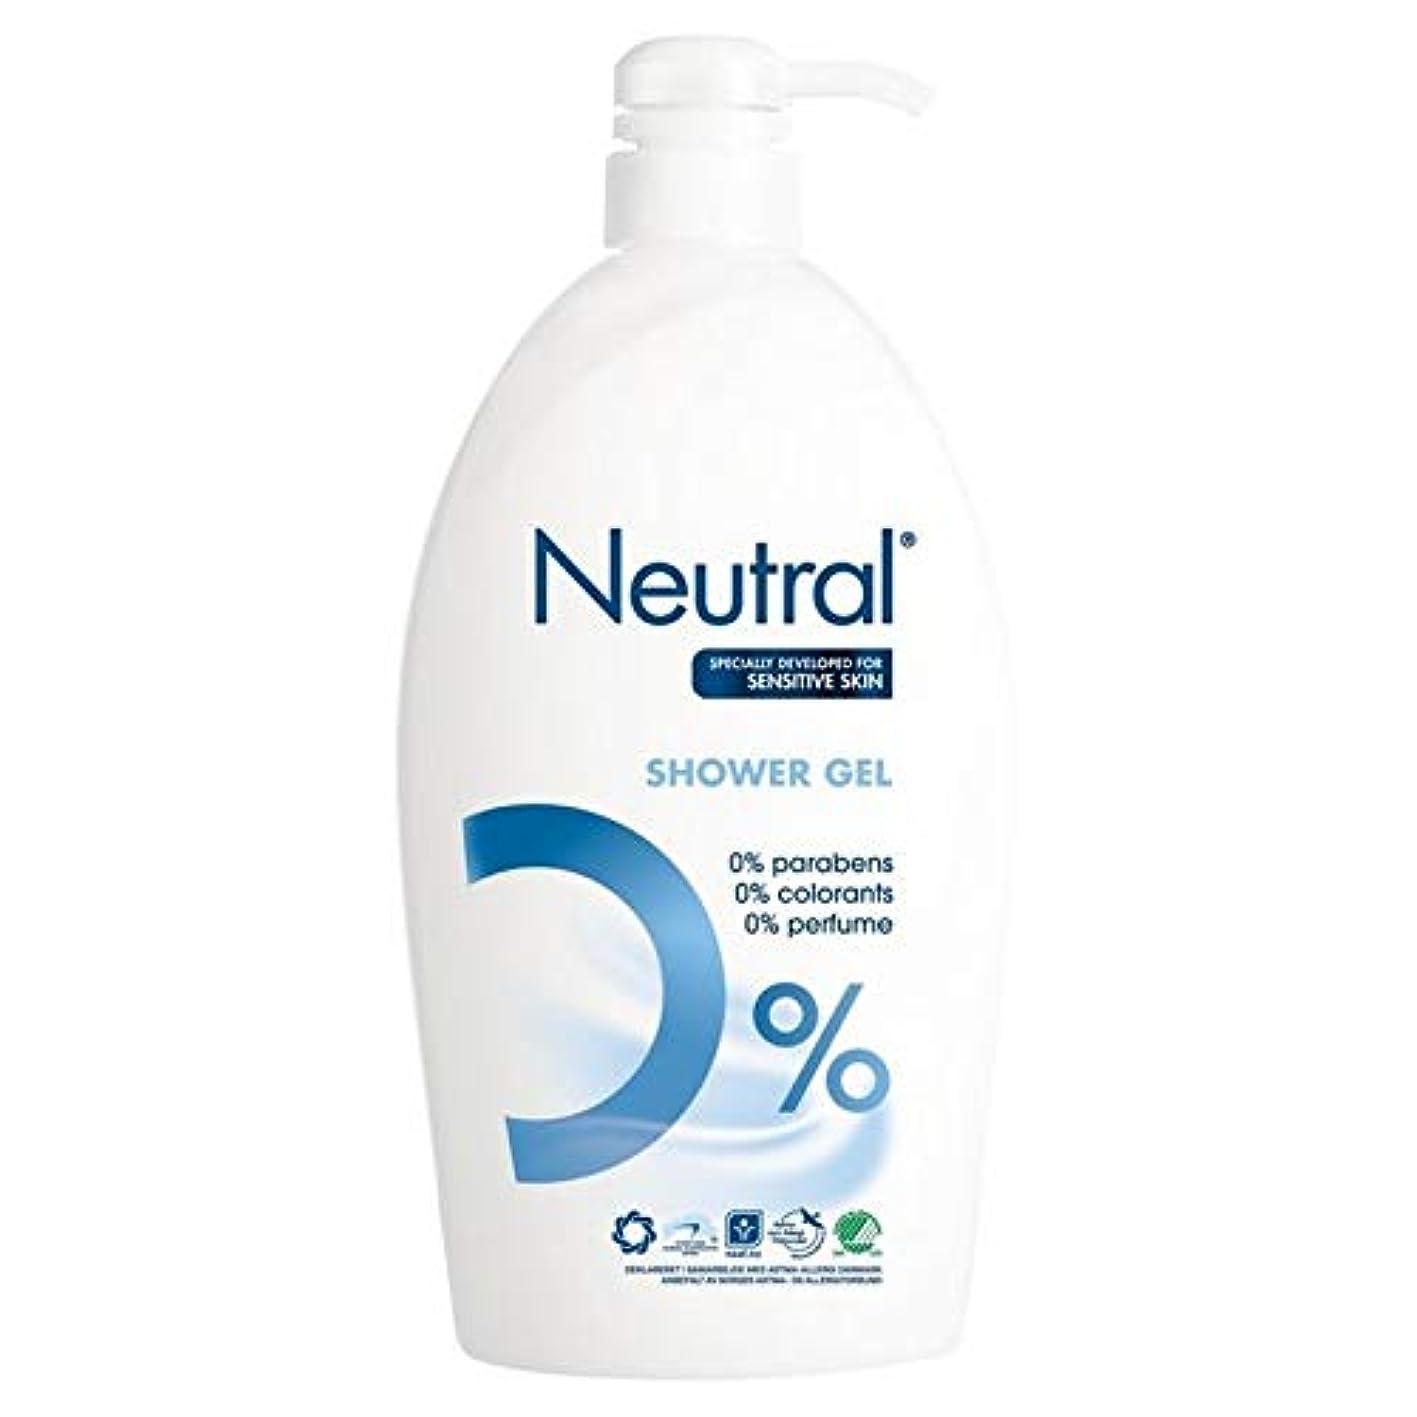 排泄する海上受け継ぐ[Neutral ] ニュートラル0%シャワーゲル1リットル - Neutral 0% Shower Gel 1L [並行輸入品]